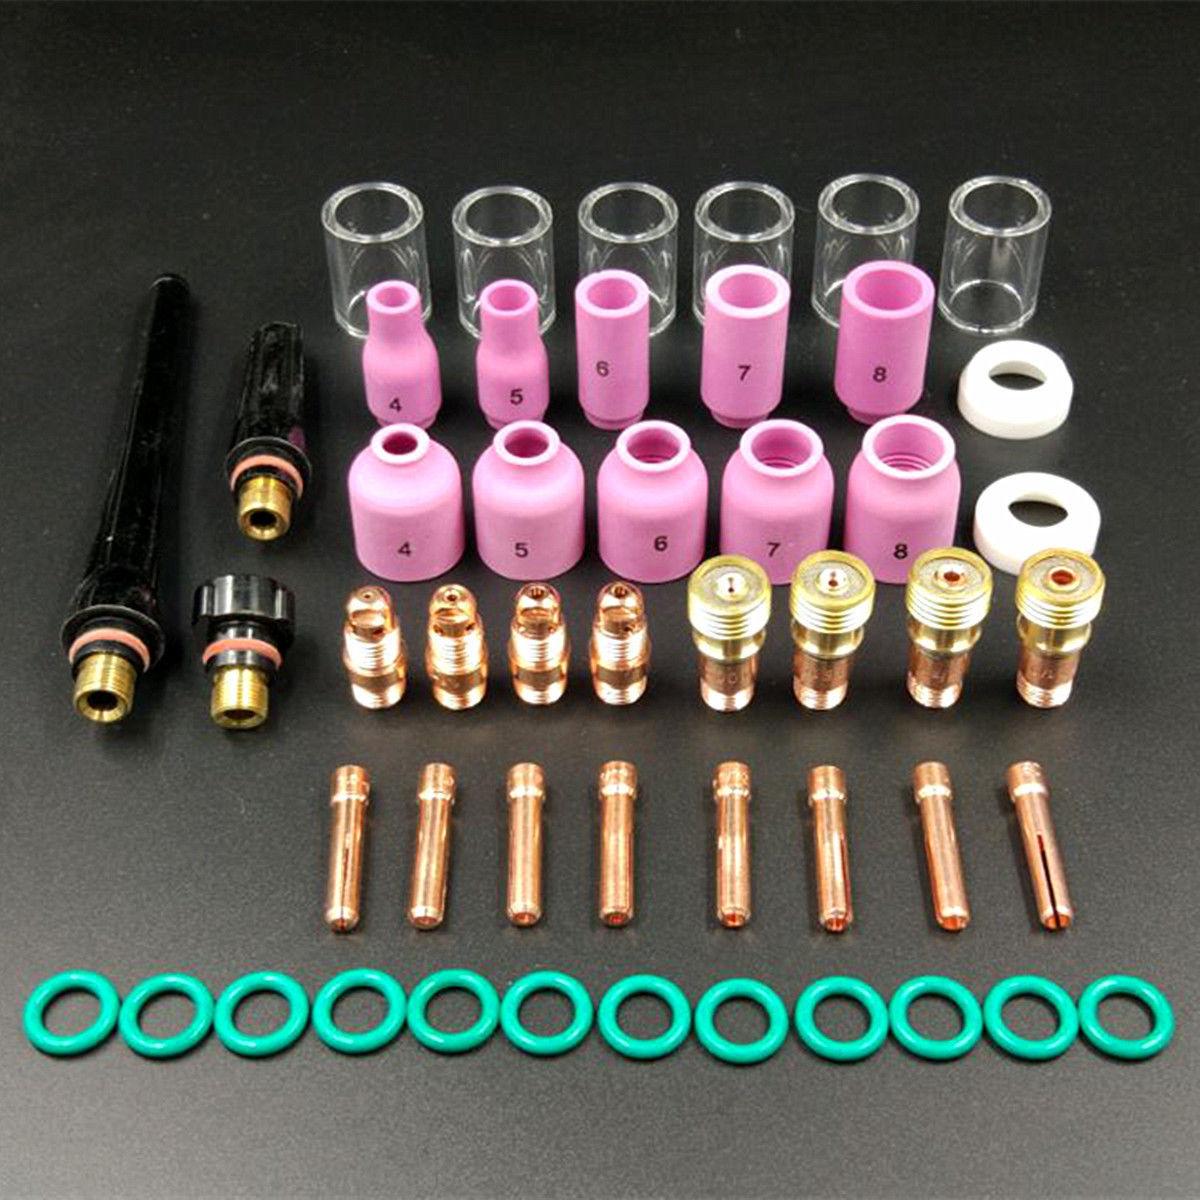 49 stücke Neue Wig-schweißen Kit Durable Schweißen Taschenlampe Stubby Gas Objektiv #10 Pyrex Glas Tasse Kit Für WP-17 /18/26 Mayitr